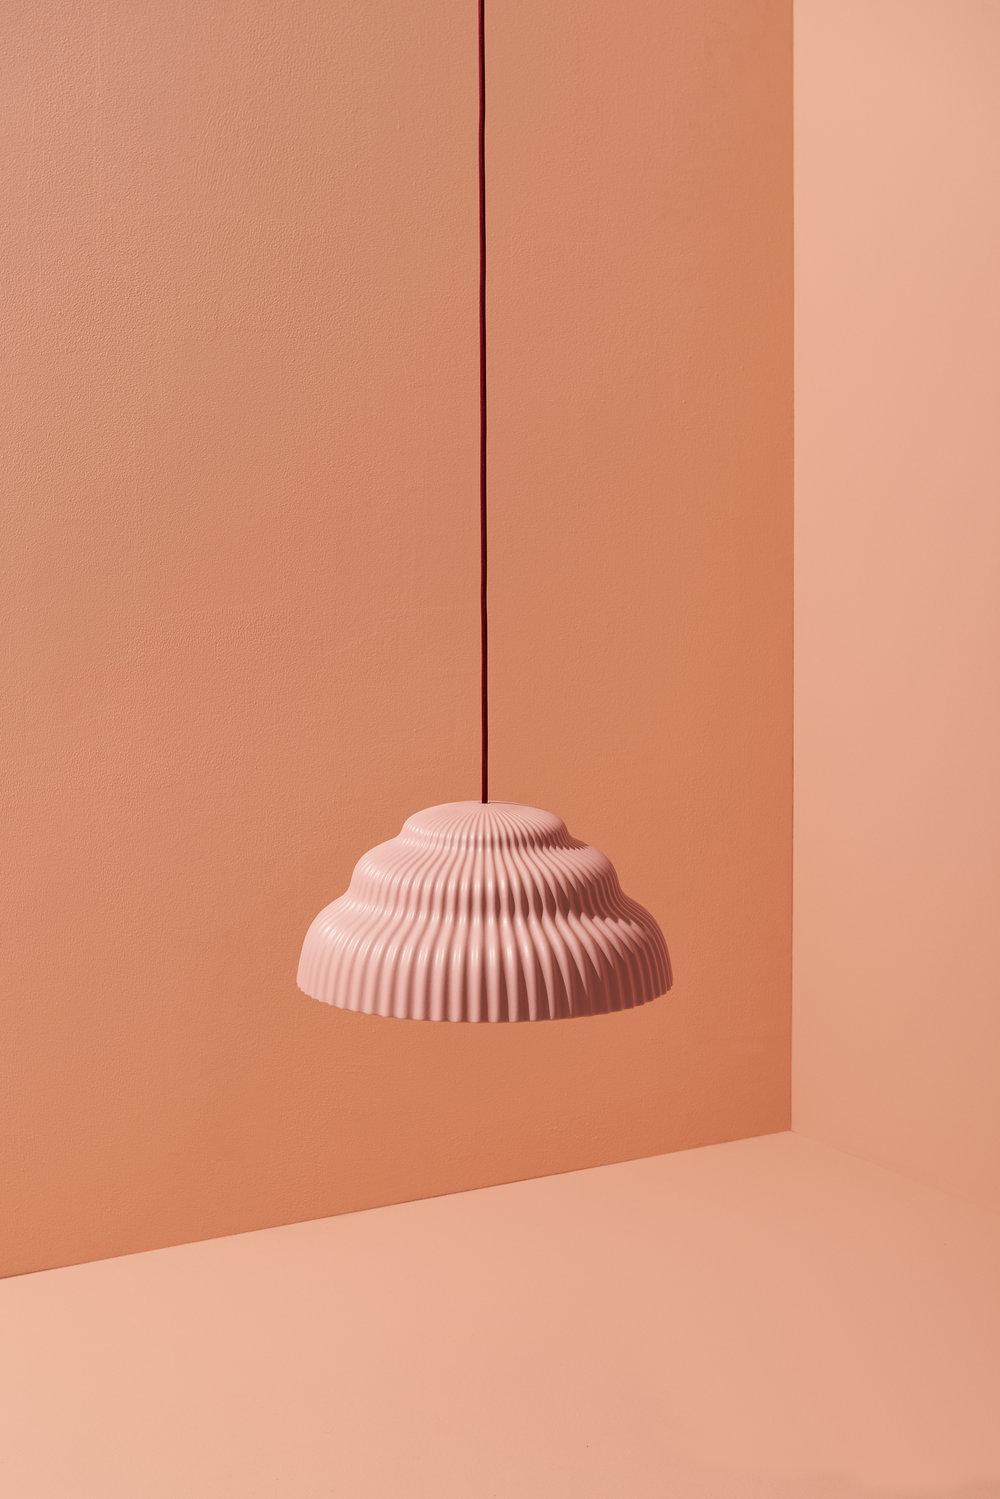 Kaskad Lighting - Collection 2018